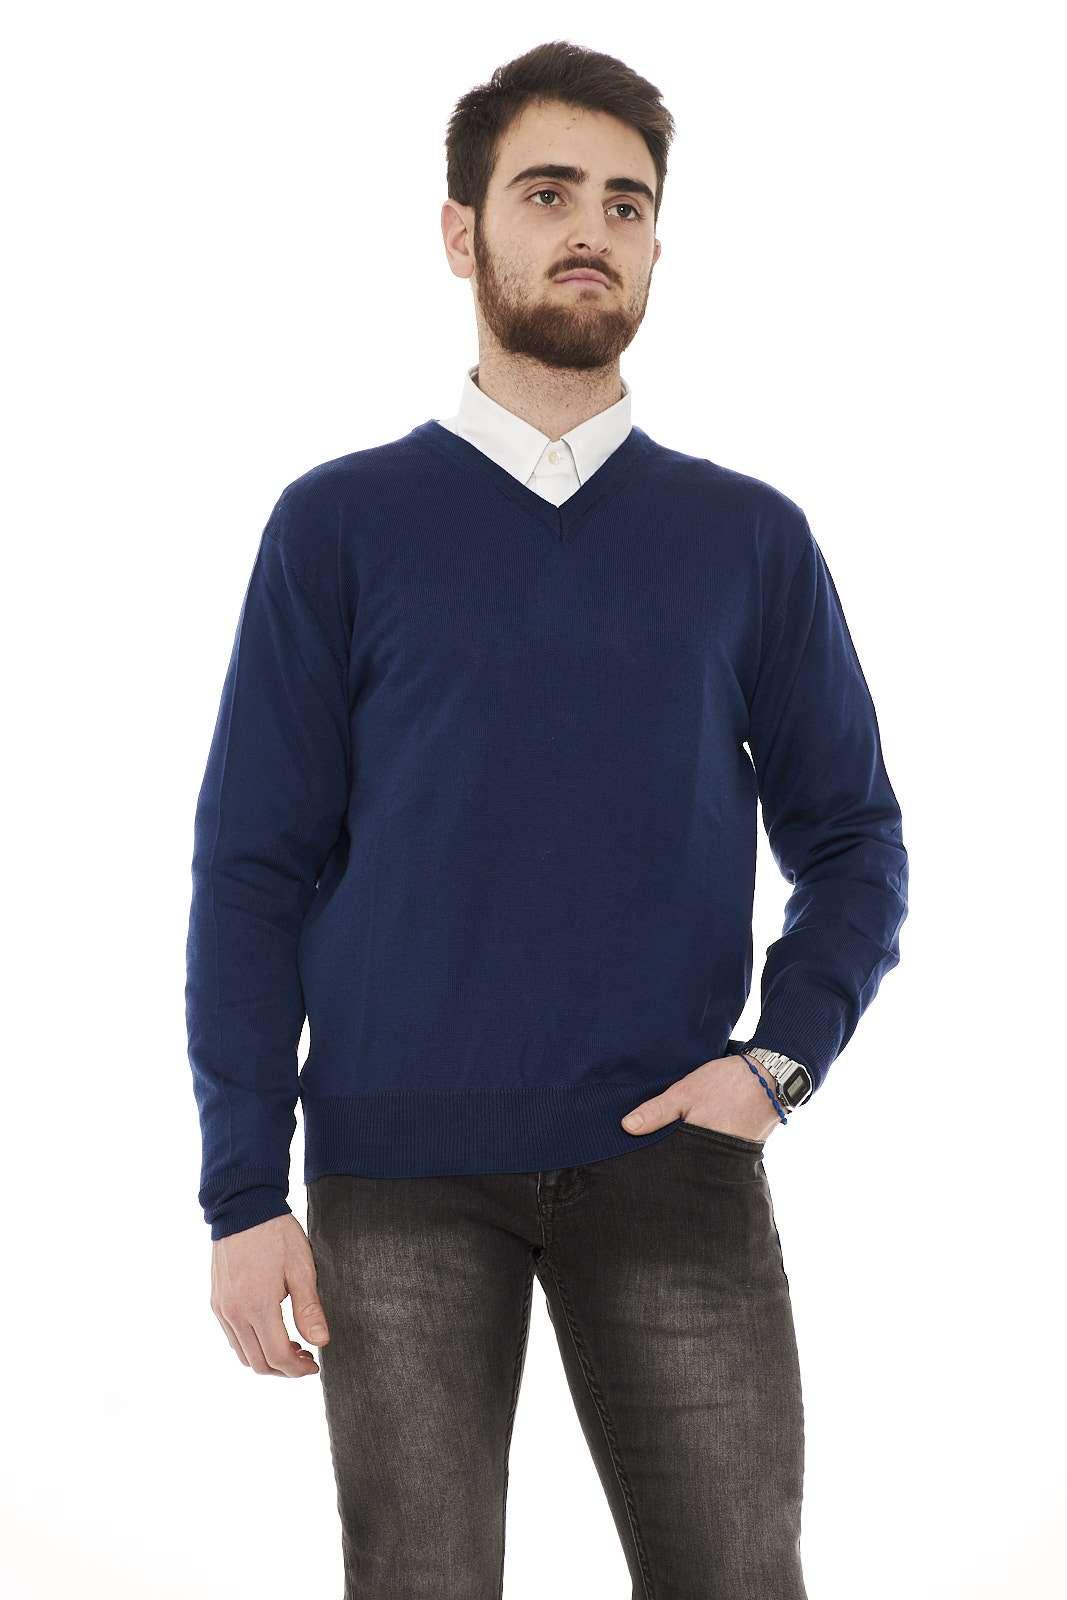 Maglia 100% lana vergine, sobria ed elegante, ideale da abbinare con una camicia grazie al suo scollo a V.